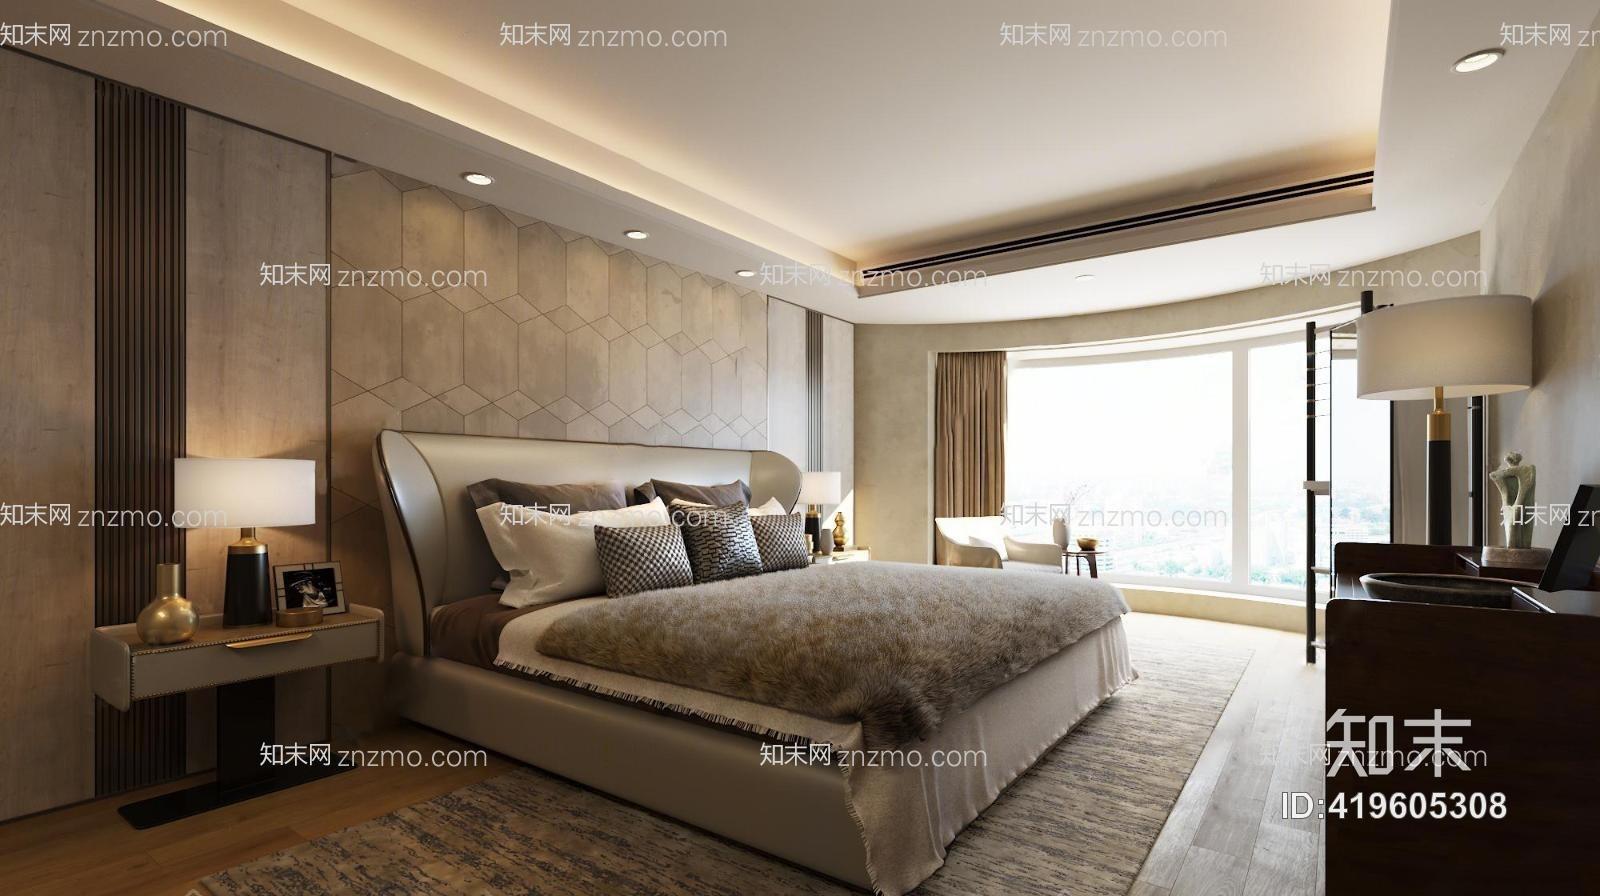 梁志天现代卧室 双人床 台灯 装饰柜 落地灯 单人沙发